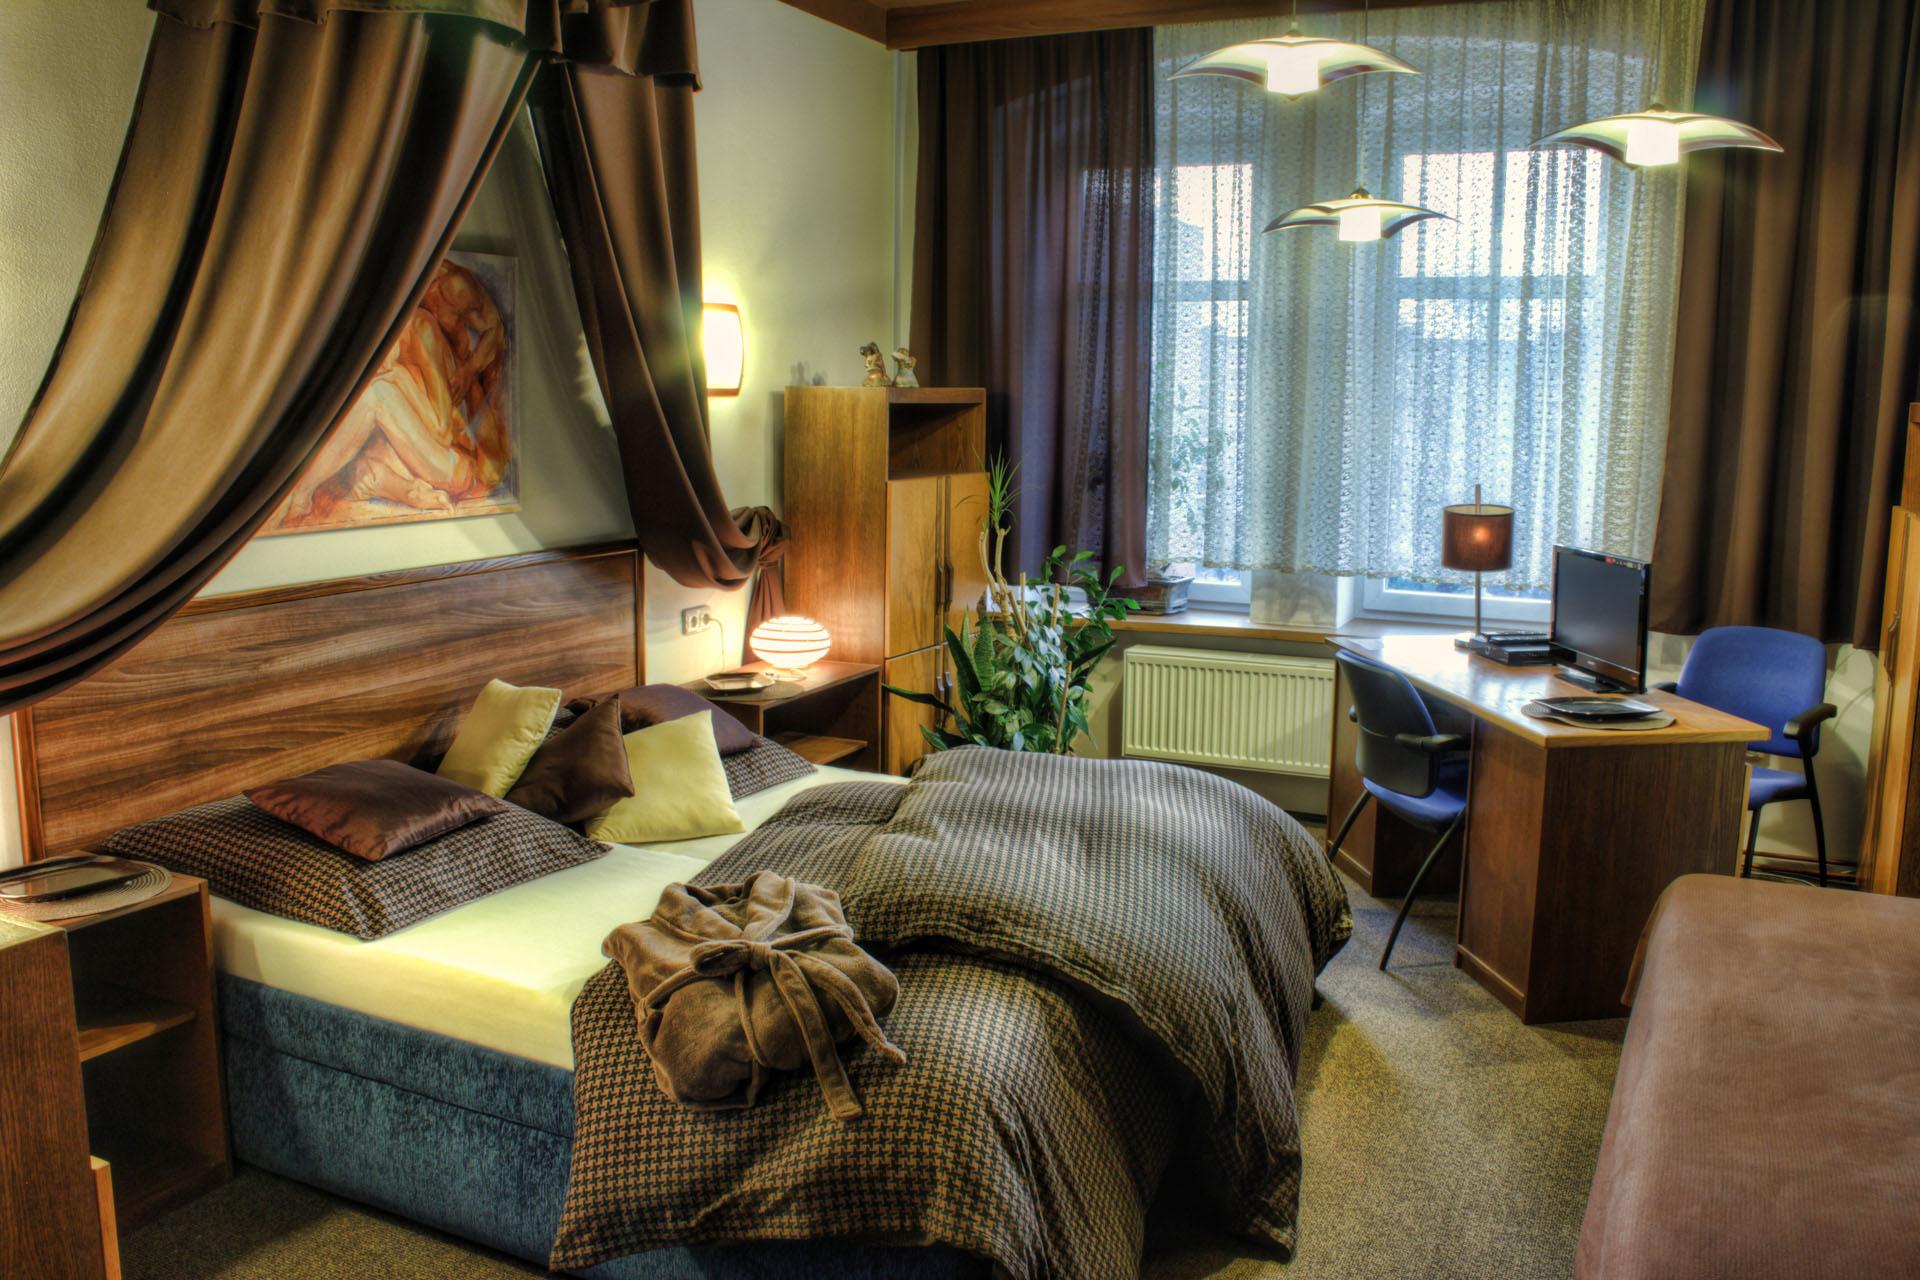 Manželská postel s baldachýnem, nočními stolky, skříňkami, psacím stolem s televizí a květinami v pokoji Rafaela